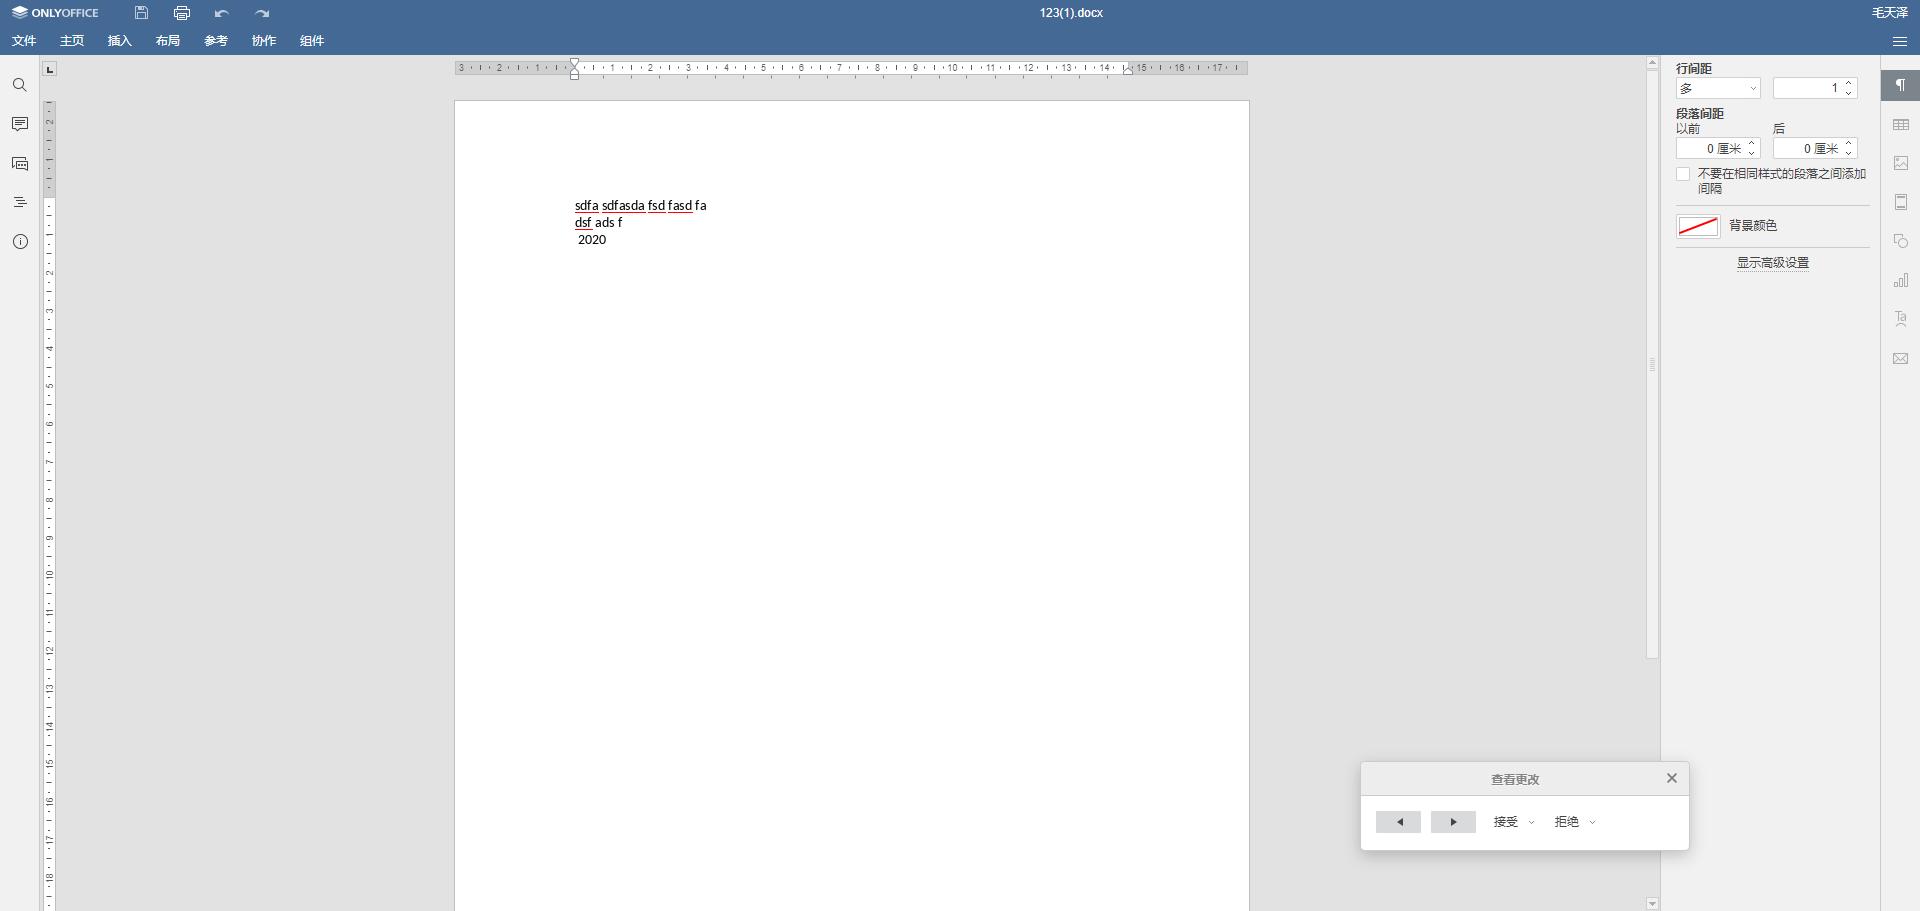 一款非常大气轻量化的网盘办公协同平台DzzOfficev2.0.2源码-常网小站Miknio